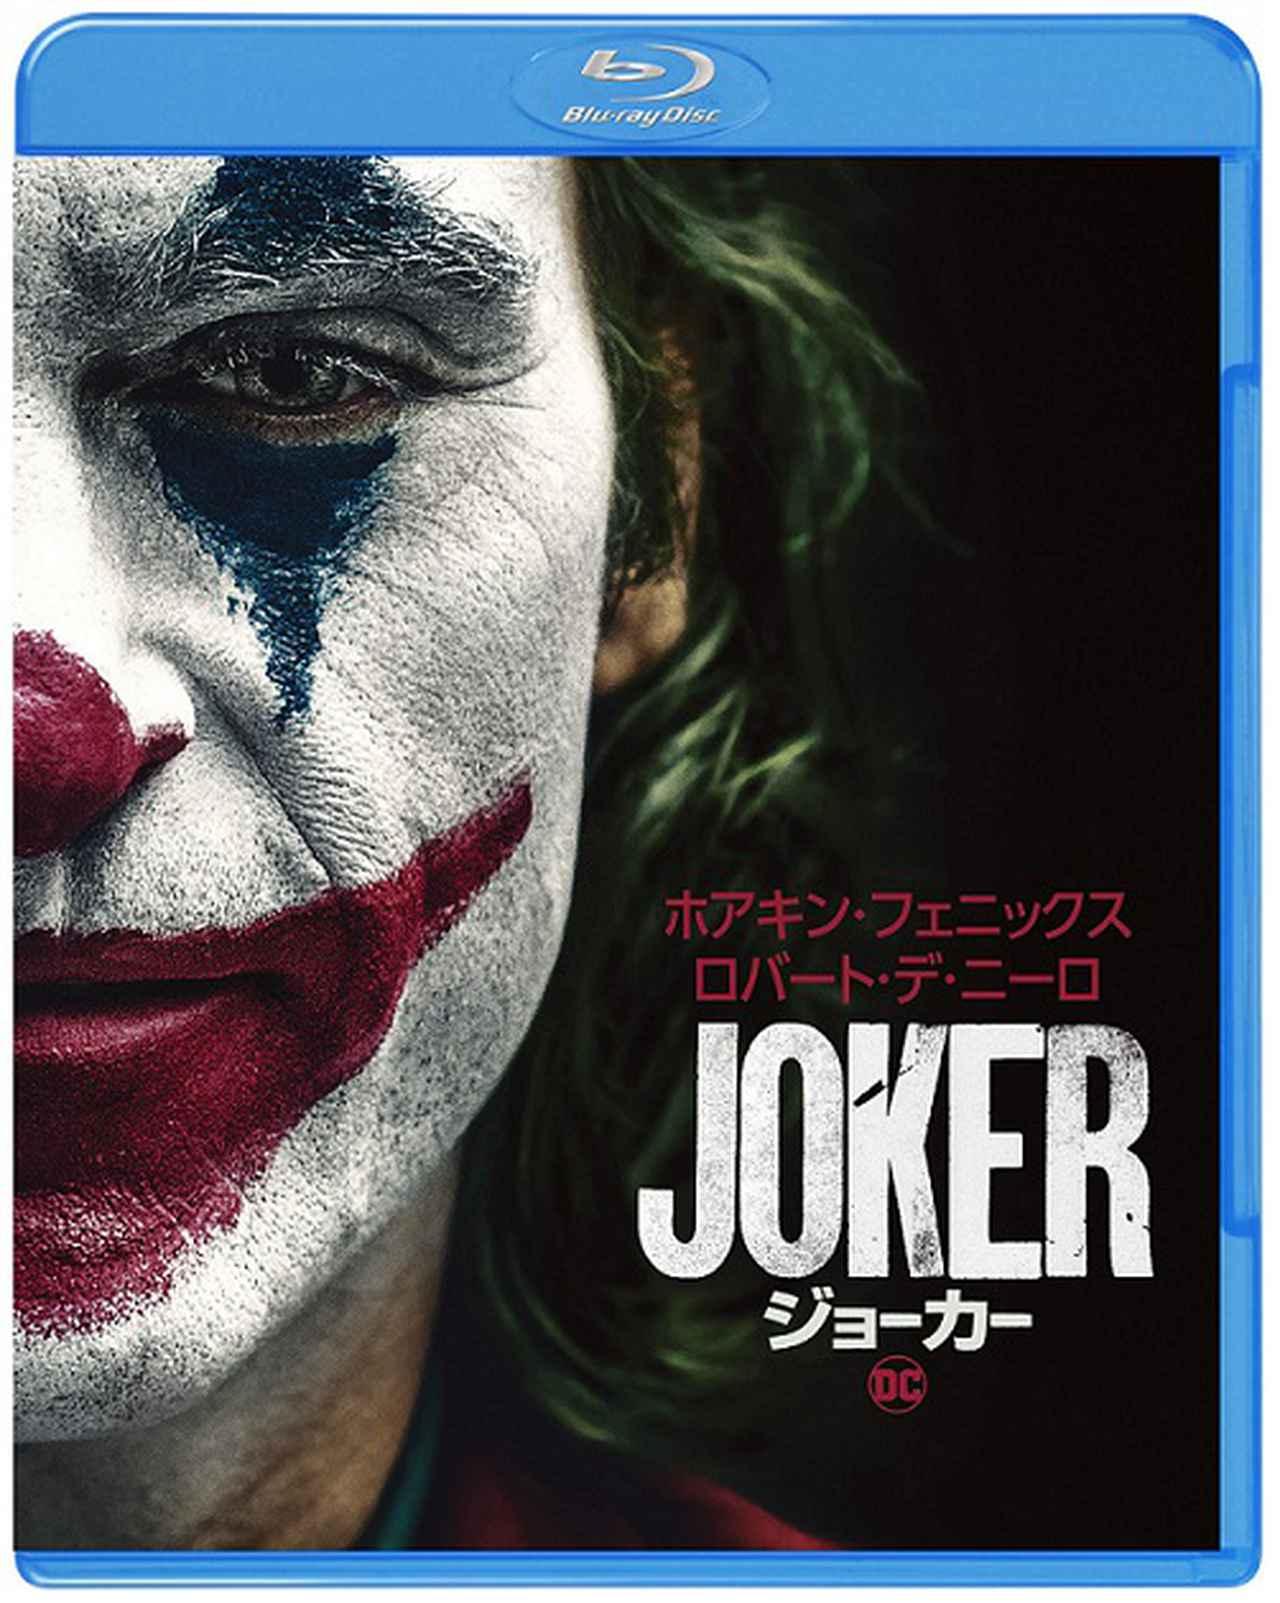 """画像: """"ホアキンは世界最高峰の俳優""""『ジョーカー』×『AI崩壊』入江悠監督インタビュー"""